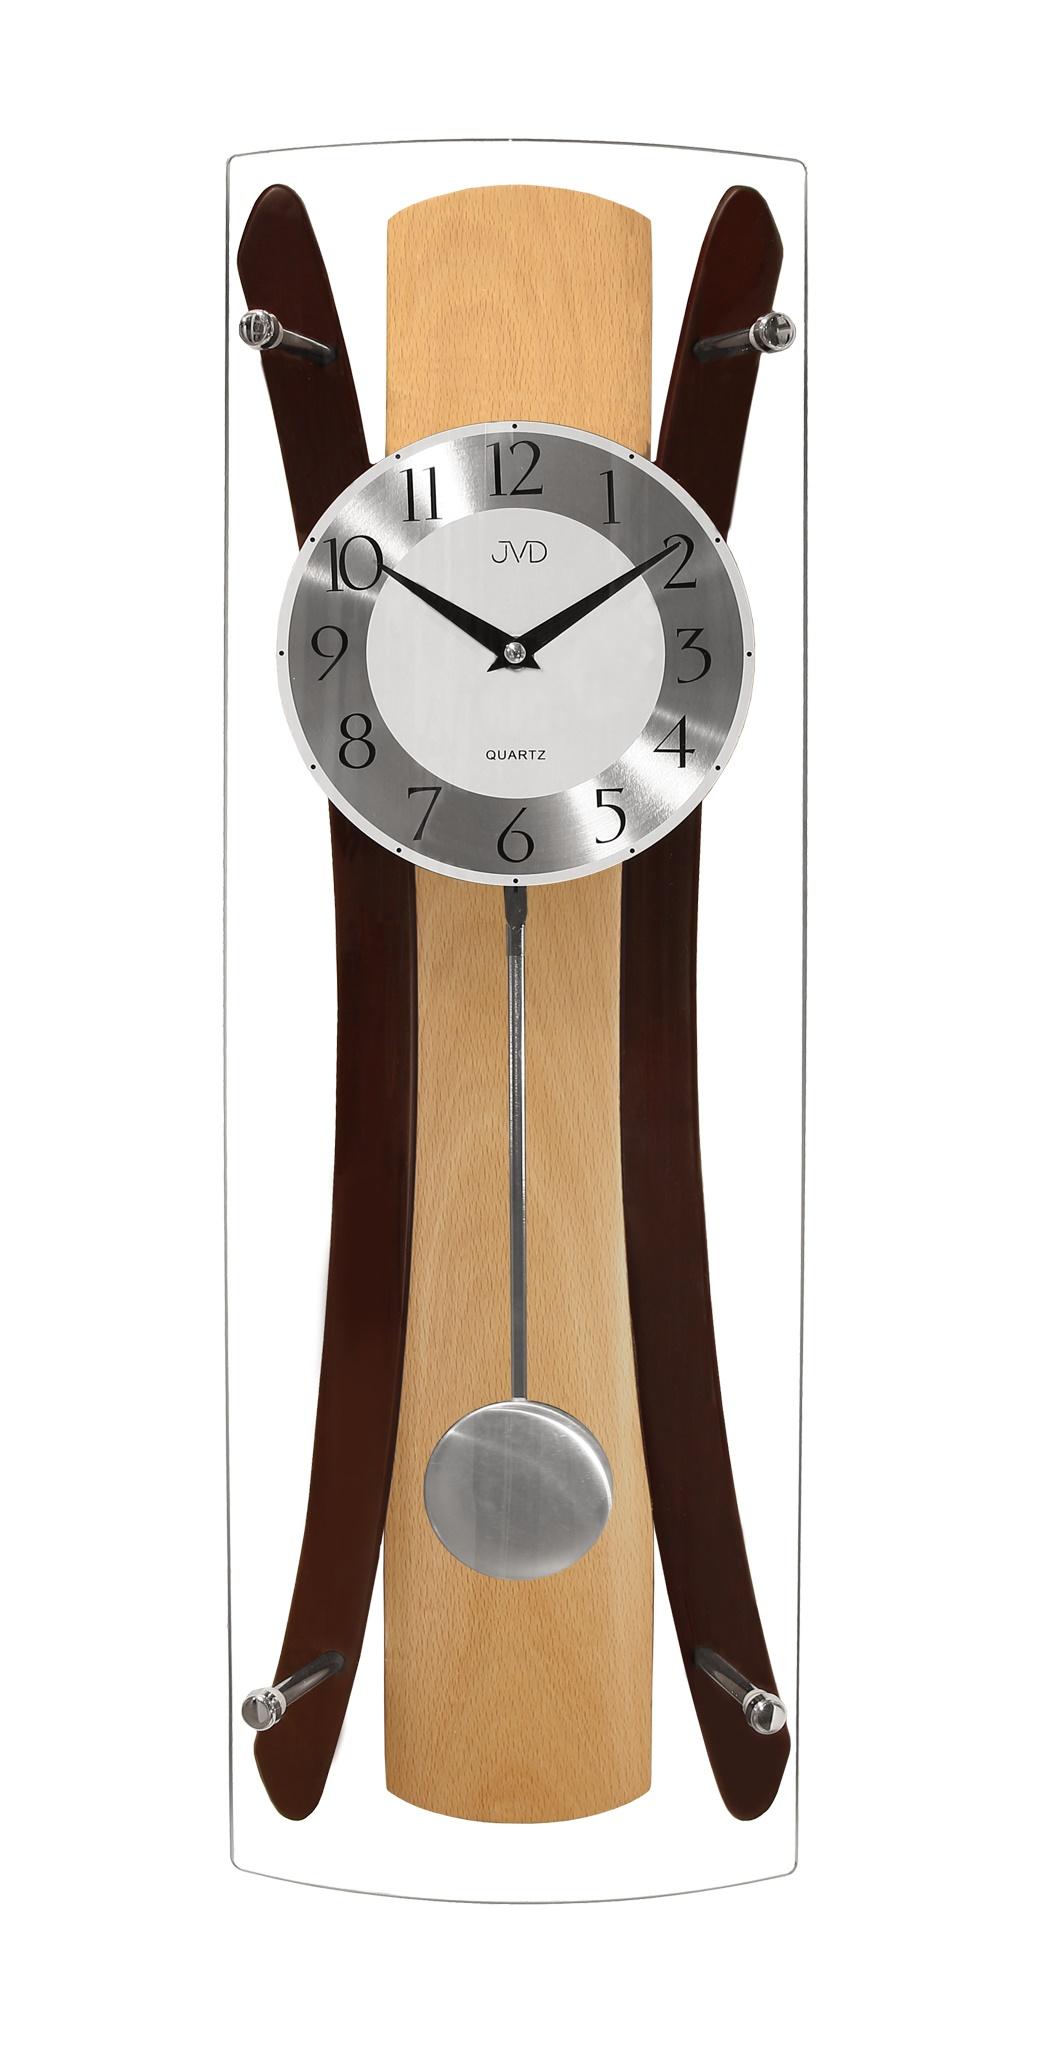 Kyvadlové dřevěné skleněné nástěnné hodiny JVD N16022/68 (POŠTOVNÉ ZDARMA!!)